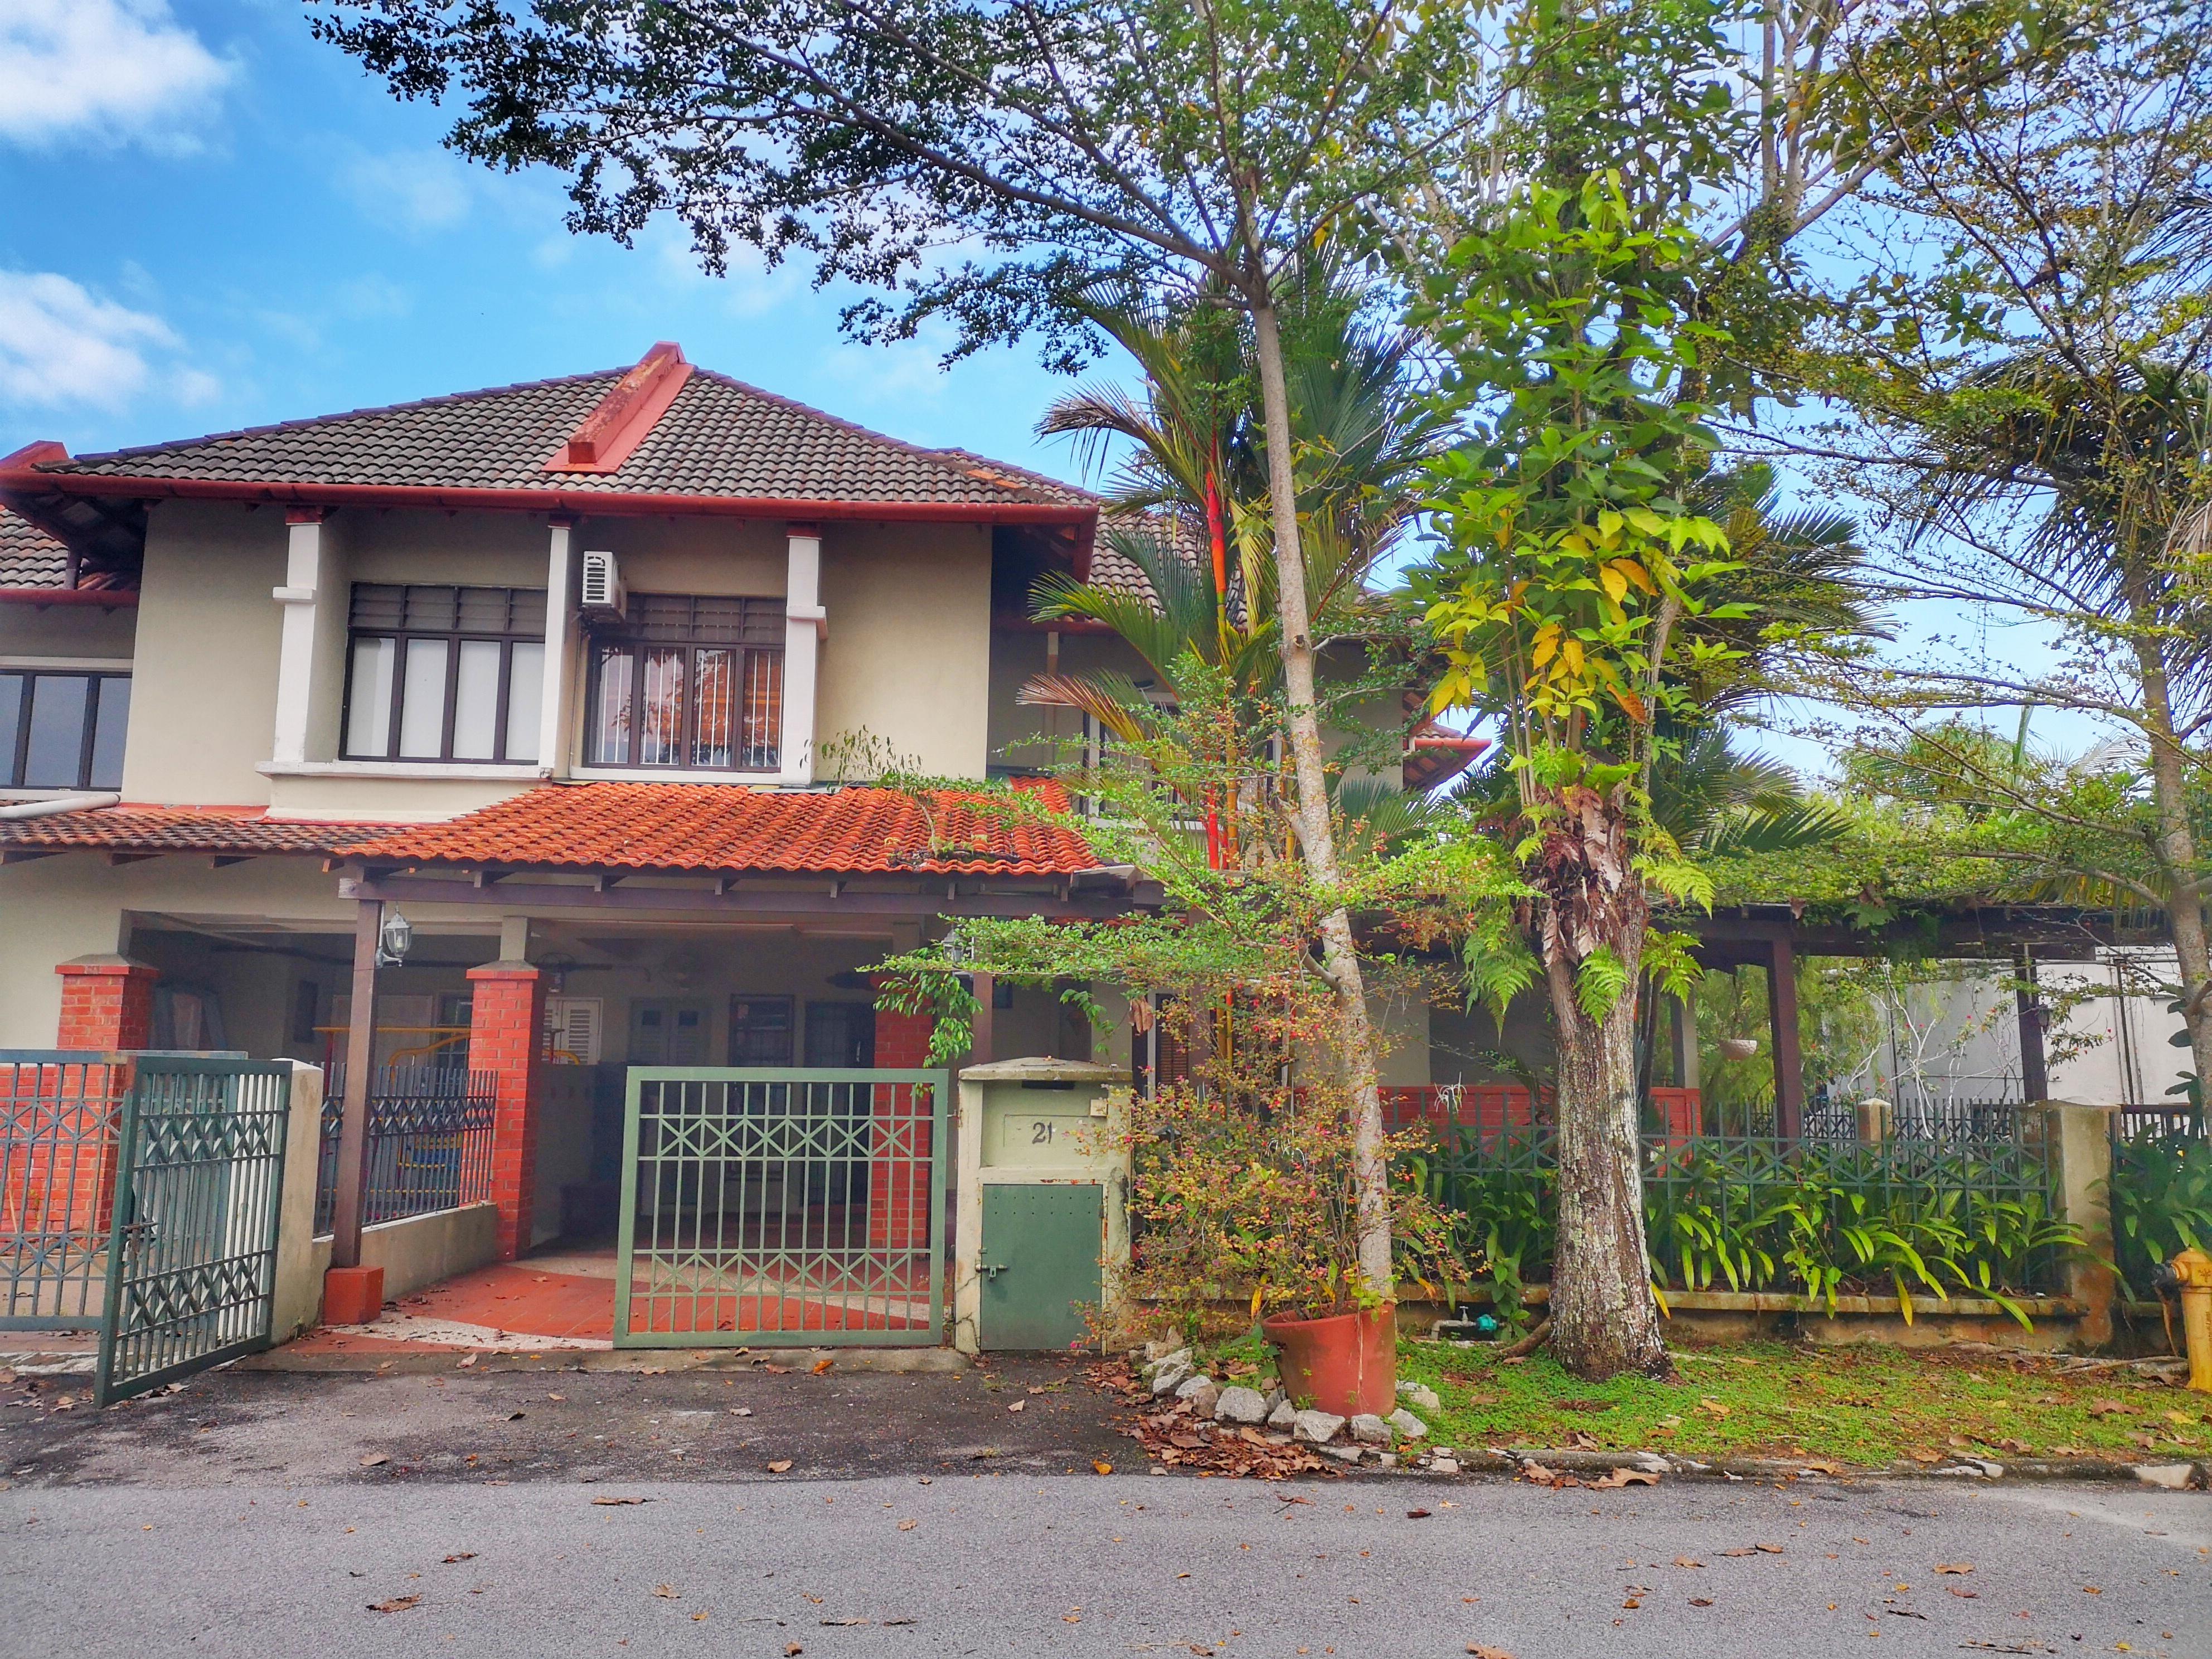 BANDAR SUNGAI BUAYA (RAMPAISARI), RAWANG